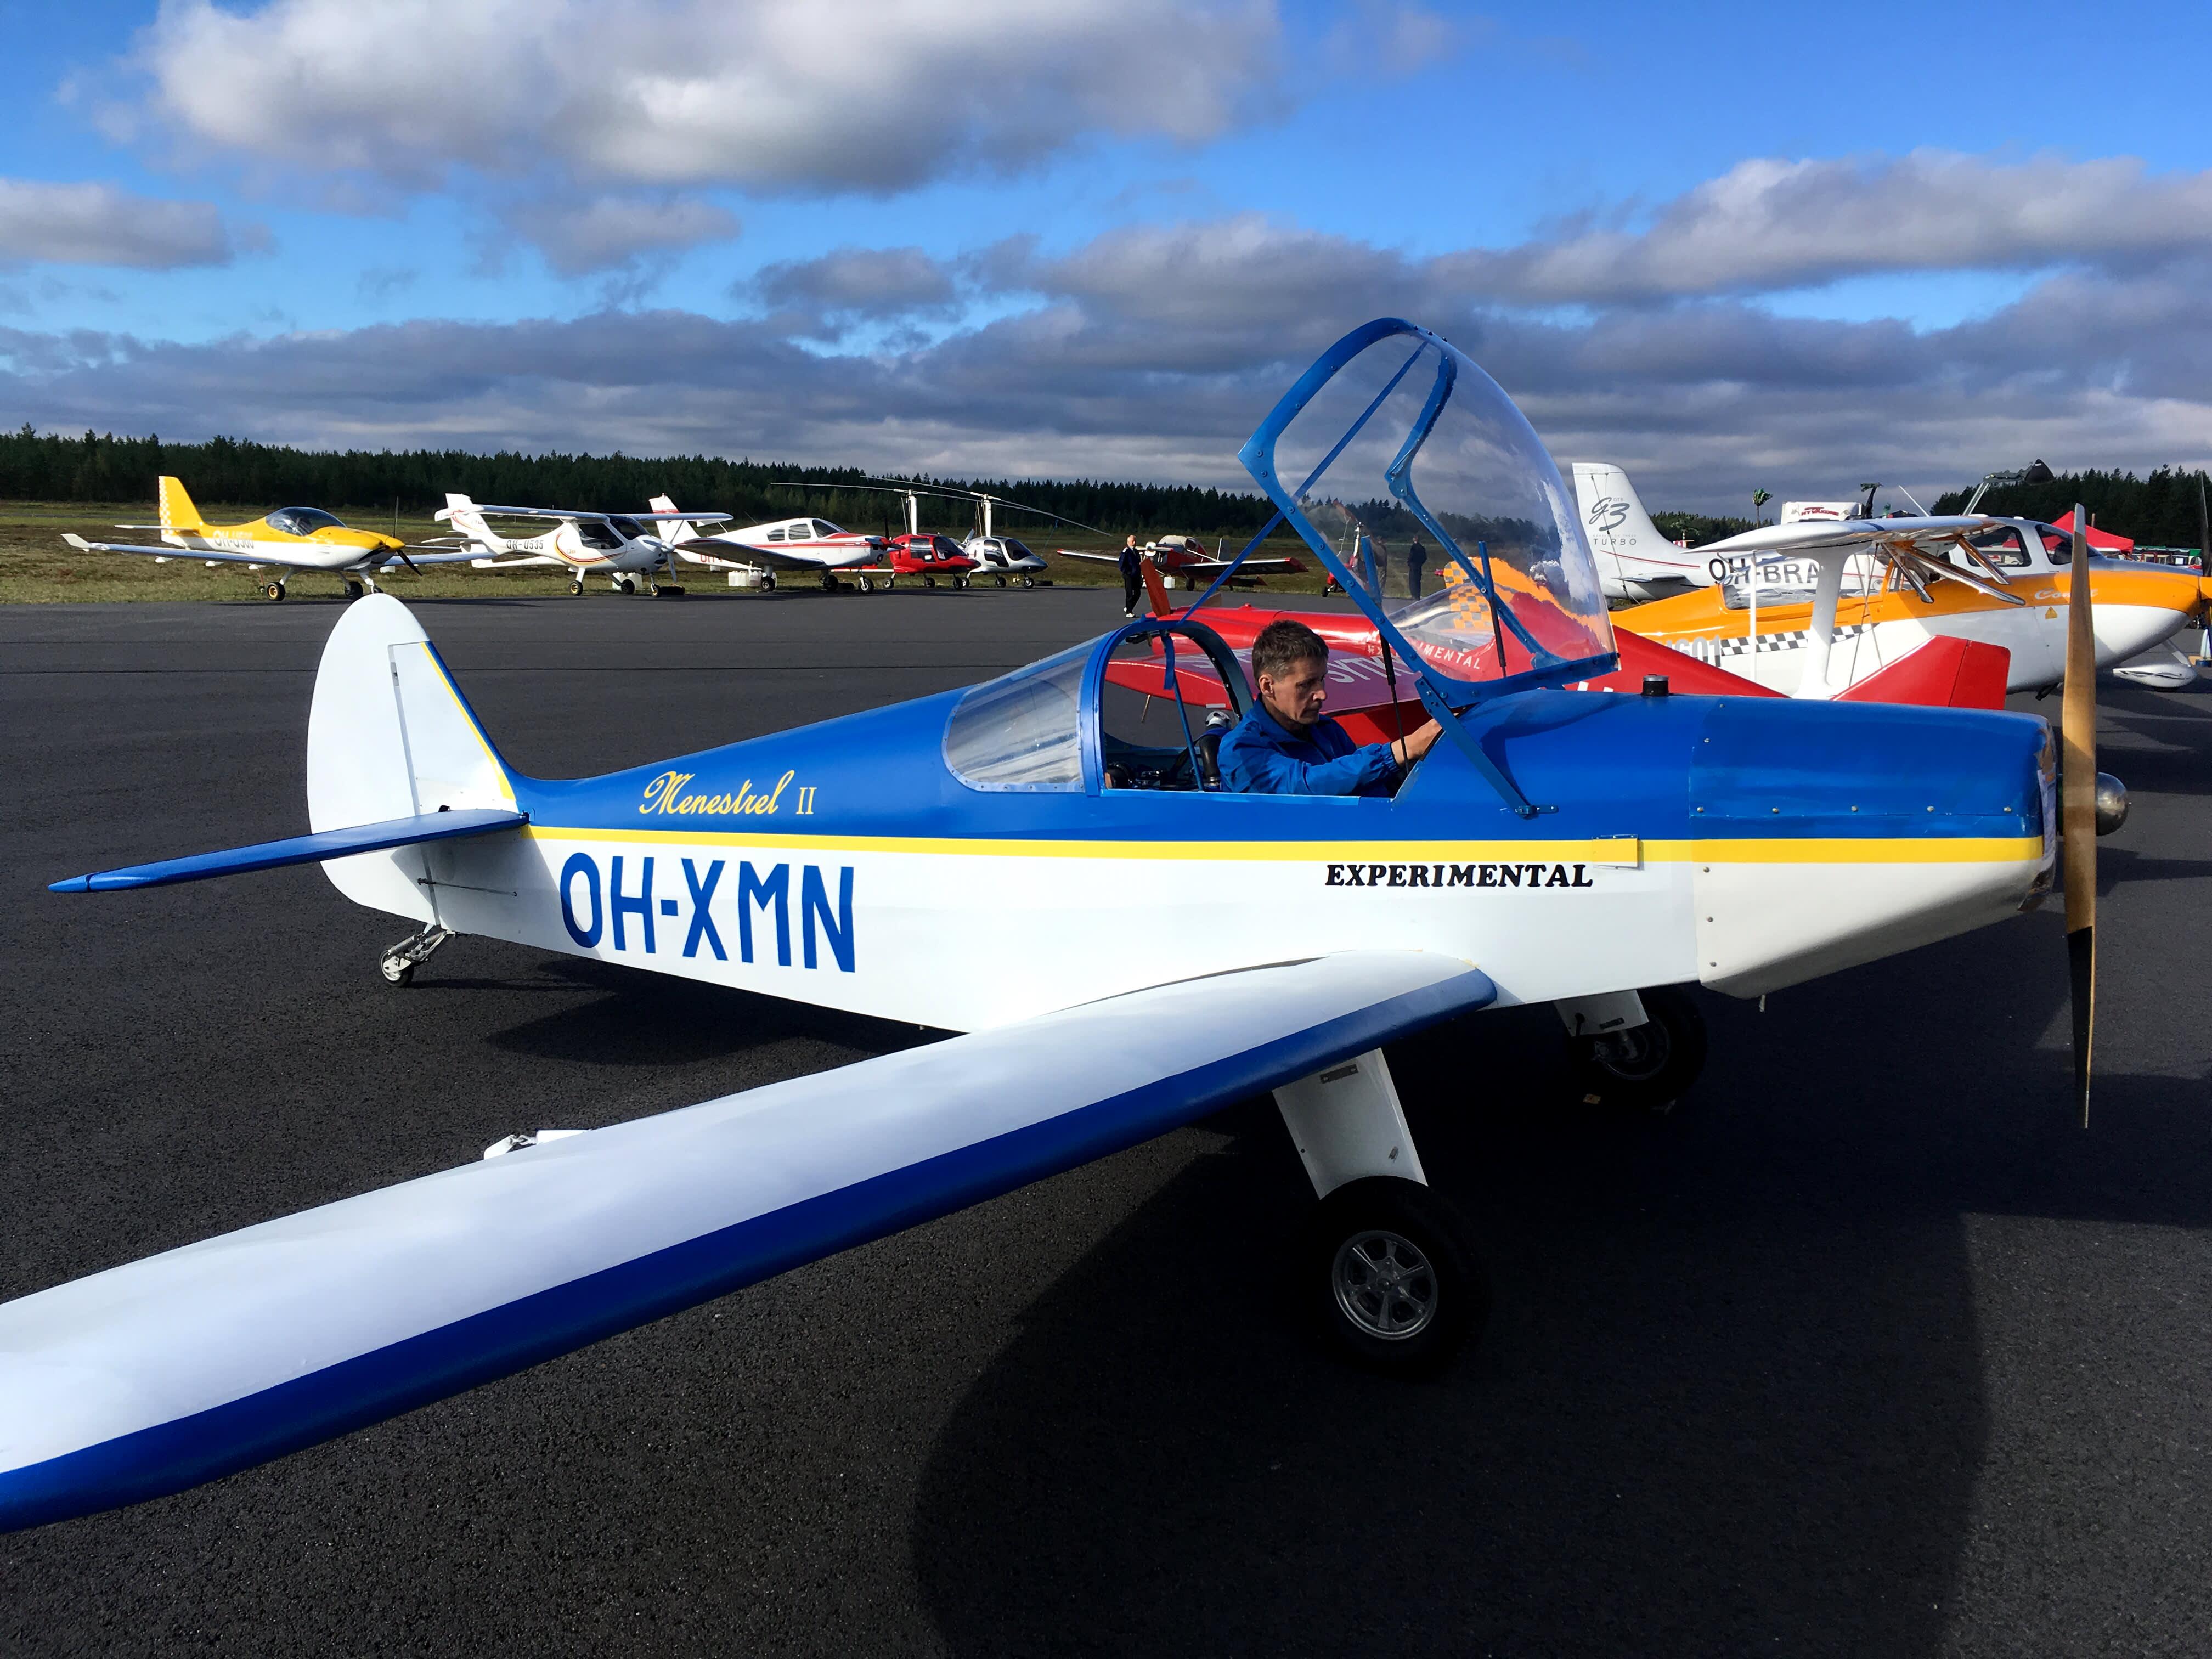 Arto Mäntylä esitteli HN700 Menestrel -konetta Kauhajoen lentokentällä.